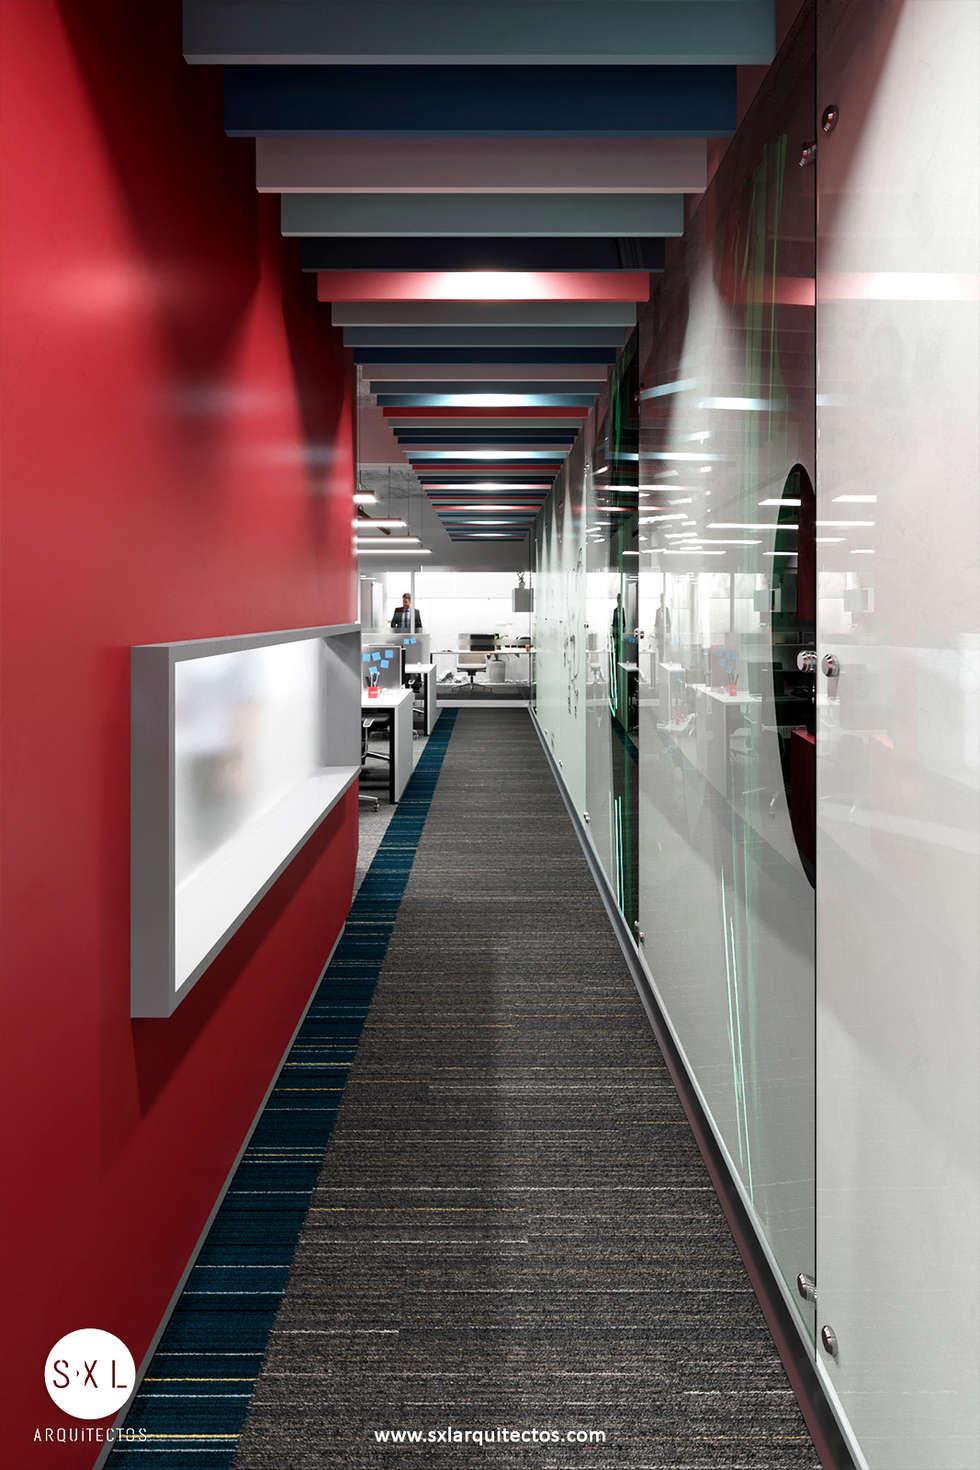 Corredor de acceso: Oficinas de estilo moderno por SXL ARQUITECTOS